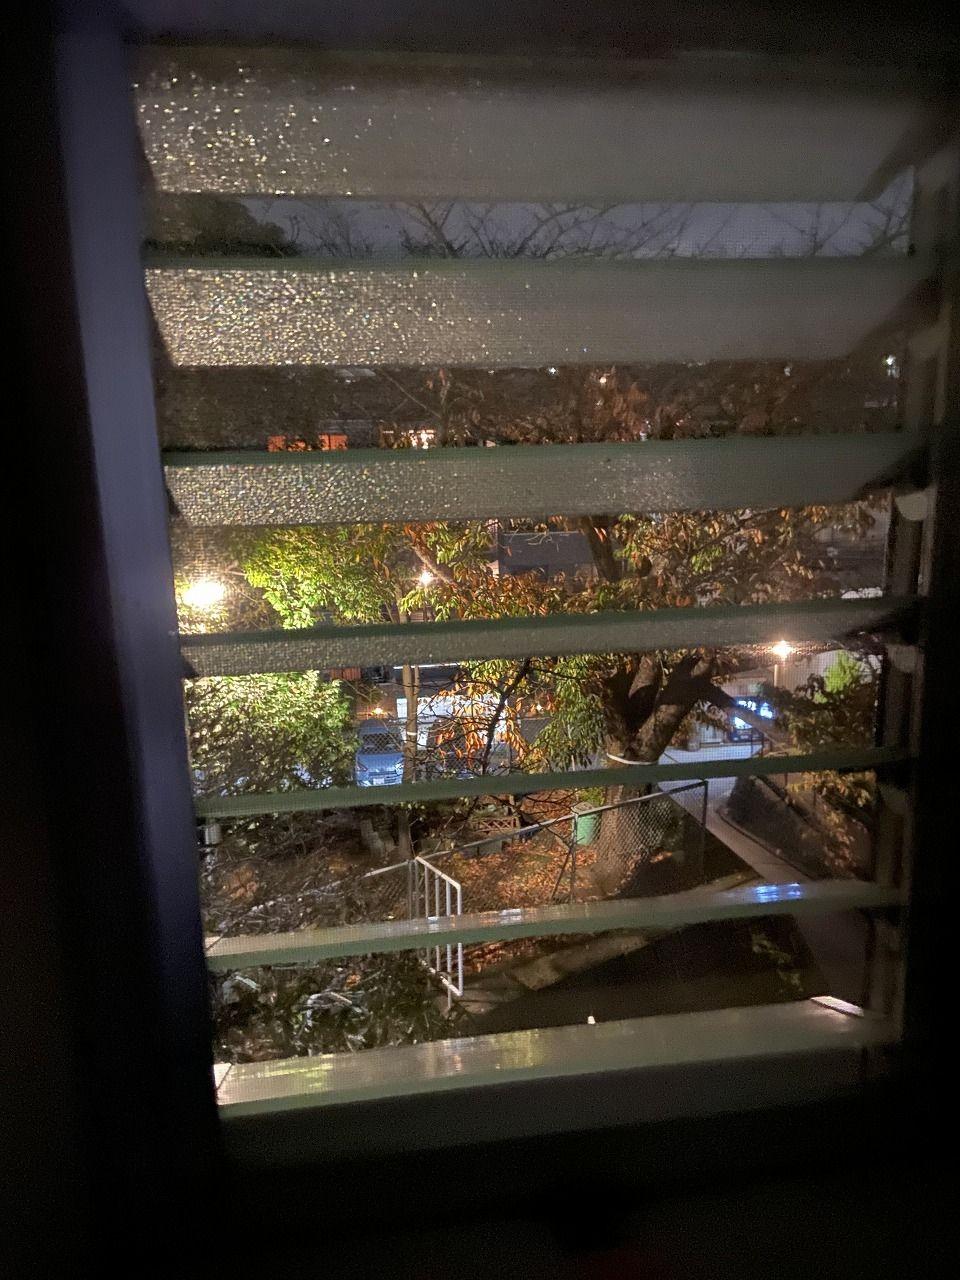 ジャロジー窓から見たたまプラーザ団地の夜の紅葉の様子